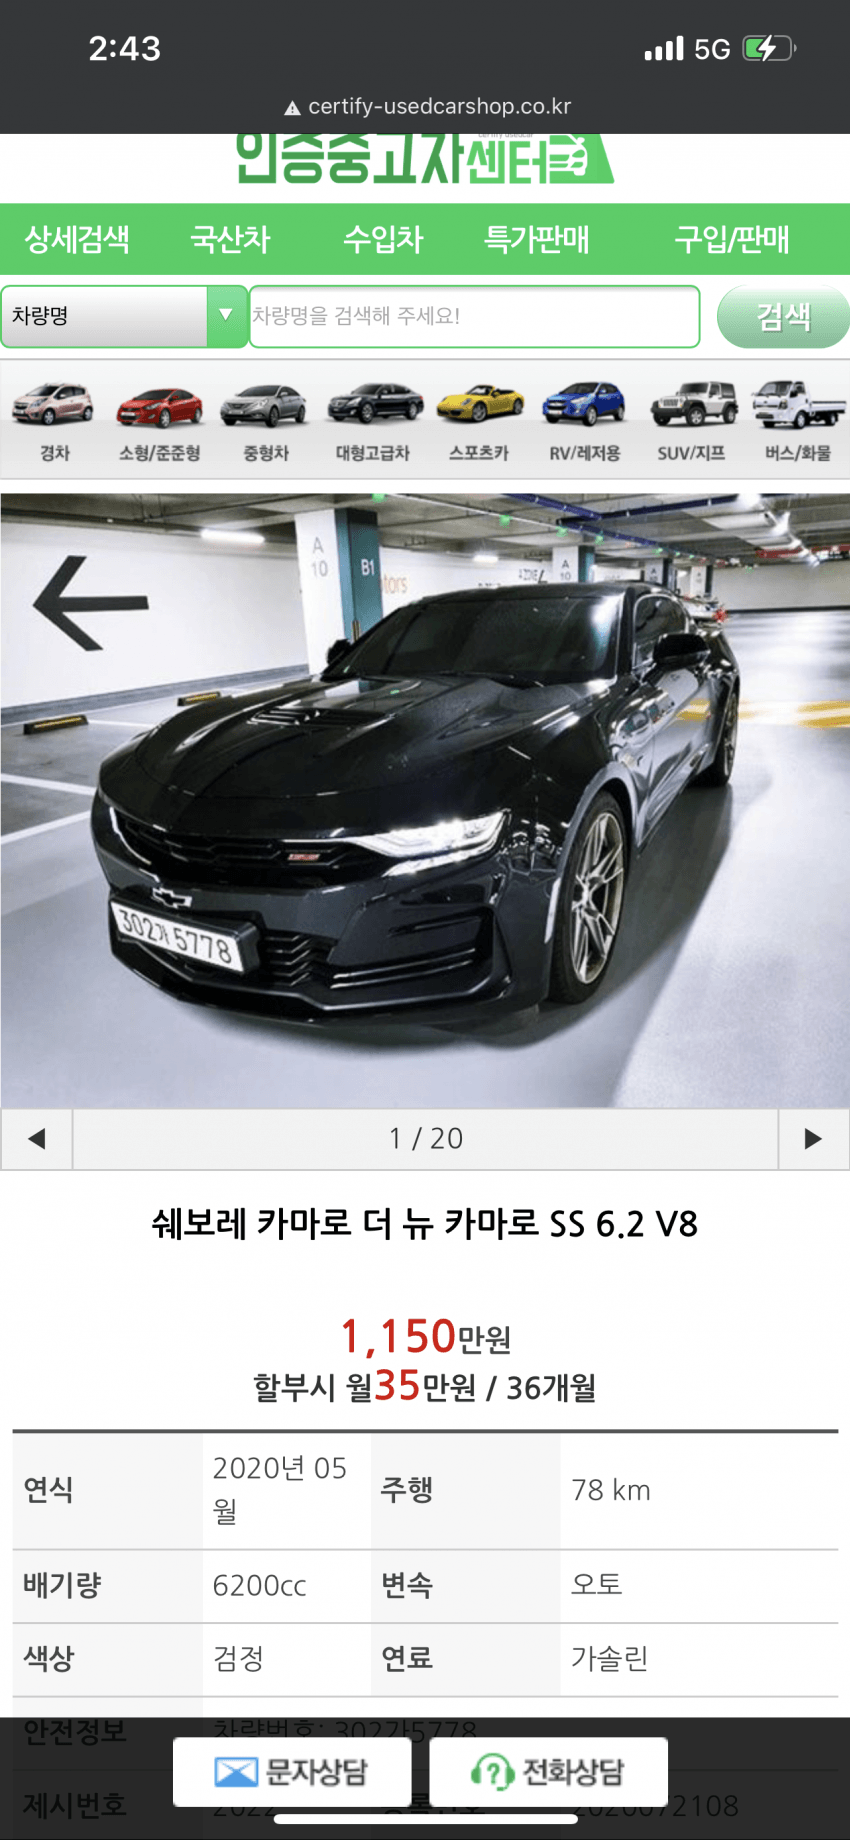 viewimage.php?id=2ebcc219ebd72ff7&no=24b0d769e1d32ca73fec8ffa11d0283194eeae3ea3f7d0da351cf9d343867012110584abb3b87287d811aa3cb466e55144fd23ea2fbf5e0372fcf1a3da540f7403e47110bd94afc1fb80f722c3fadbbbf159727b7839855250dd69cfa2050e081a53644213d49e07